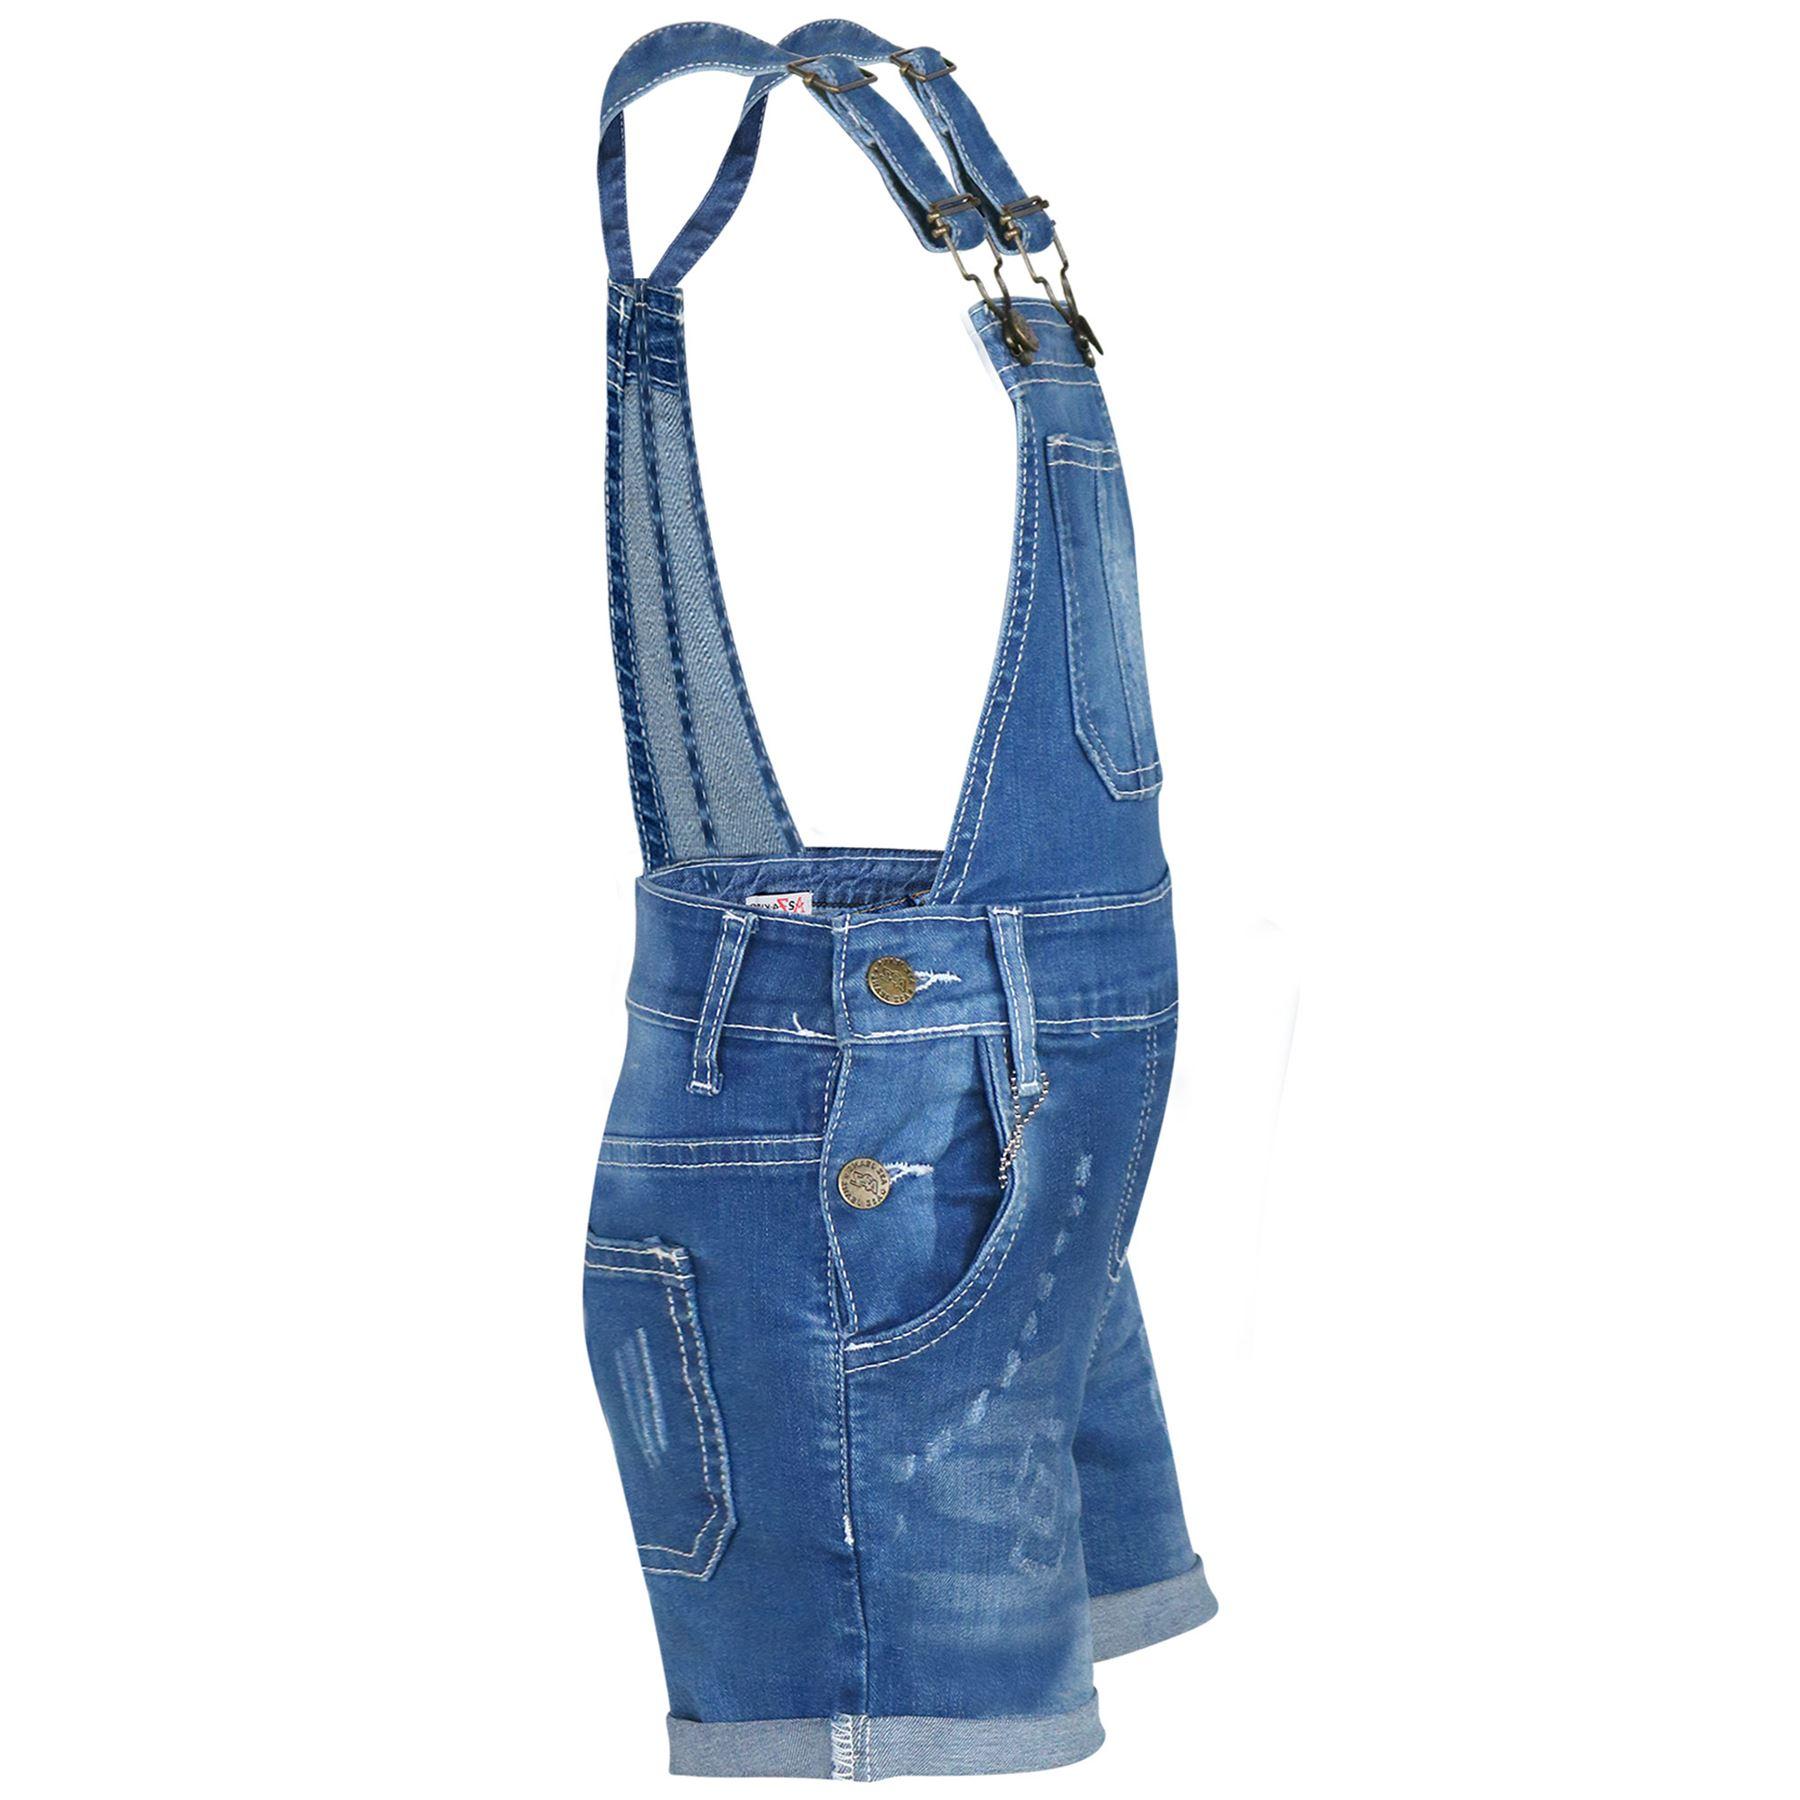 Indexbild 16 - Kinder Mädchen Latzhose Shorts Denim Gerippt Stretch Jeans Overall 5-13 Jahr